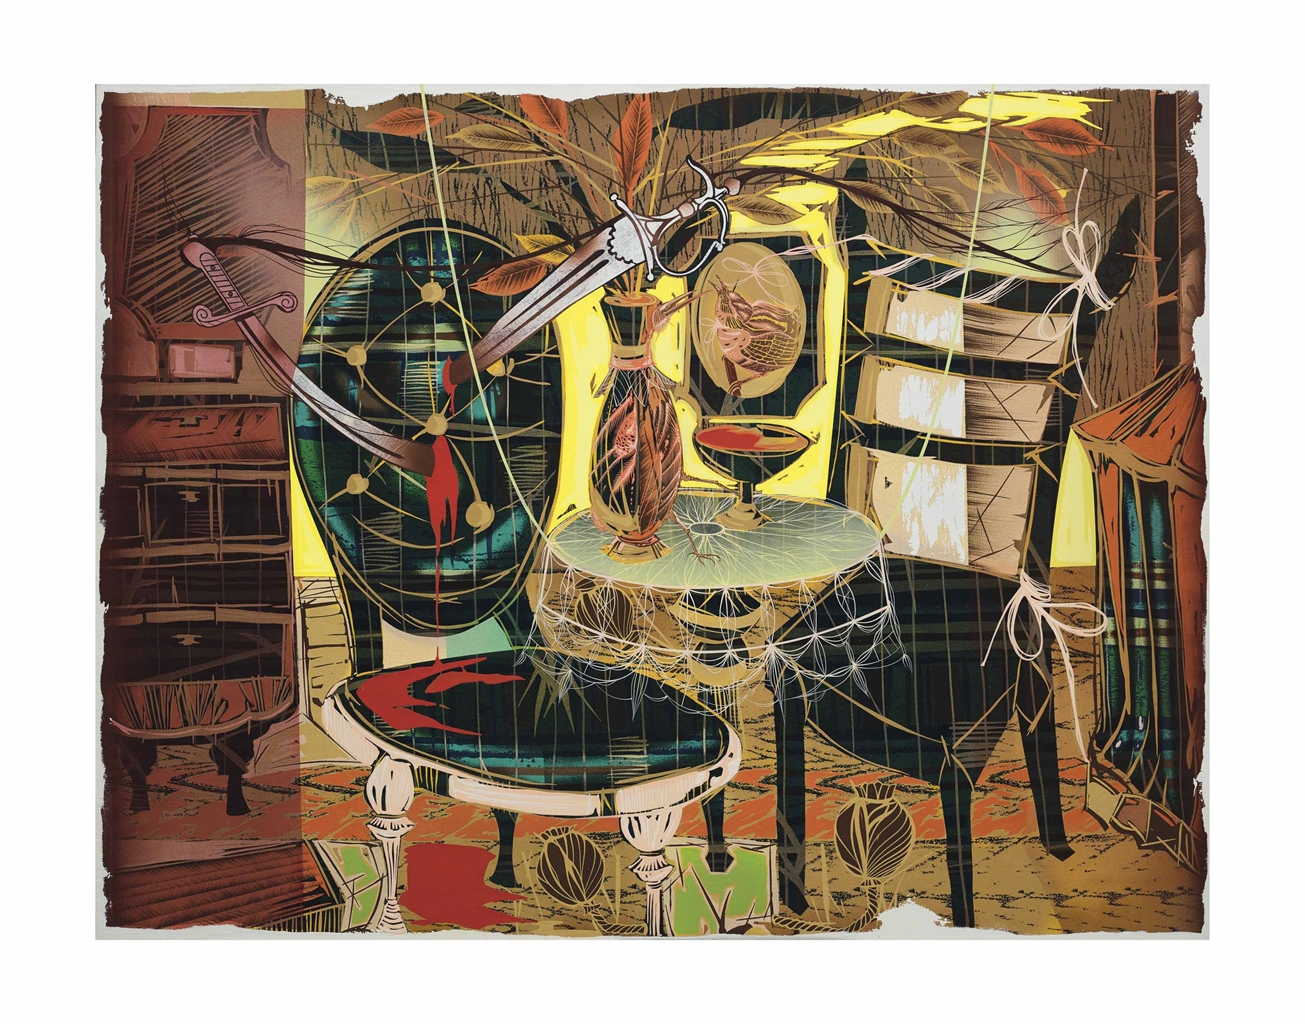 Lari Pittman-Untitled #1-2004